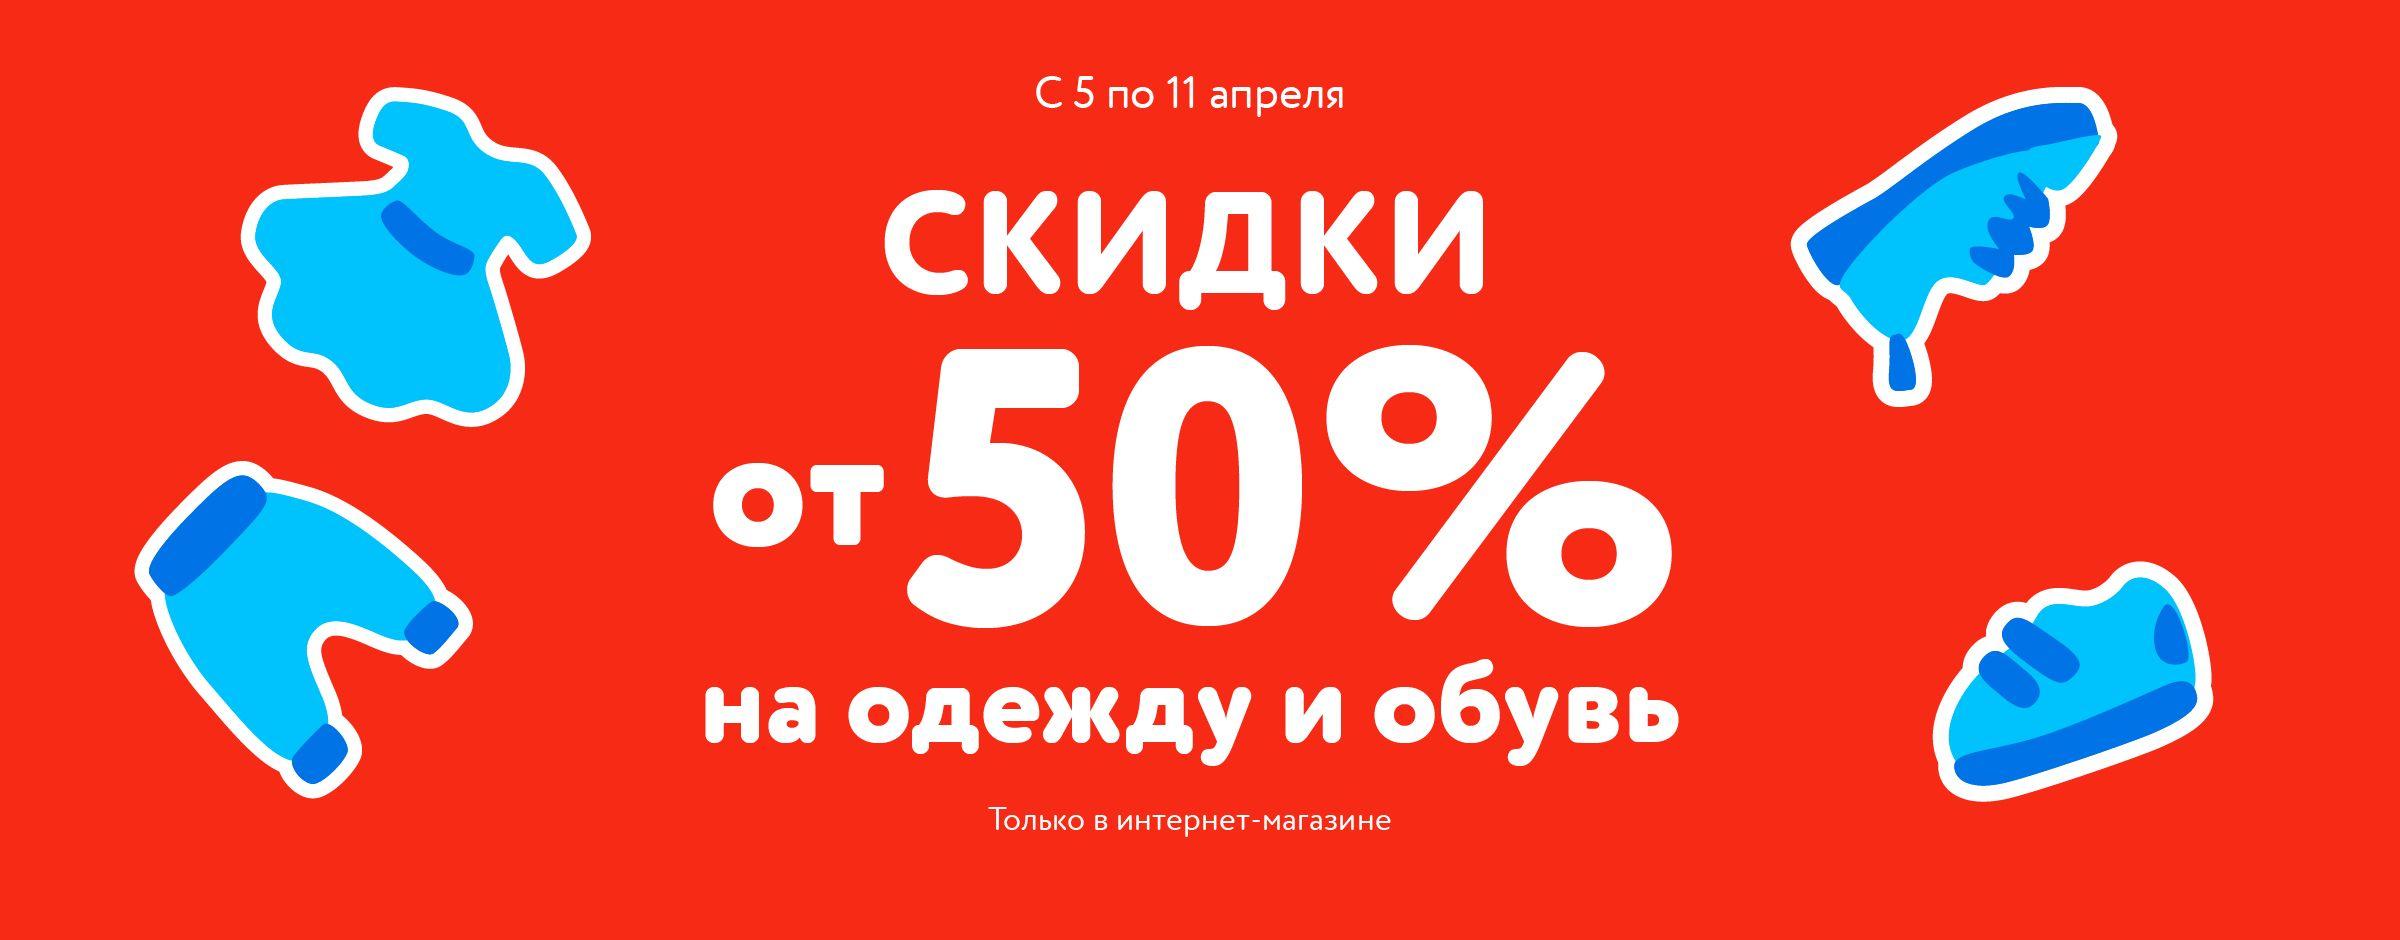 Распродажа одежды и обуви. Скидки от 50%